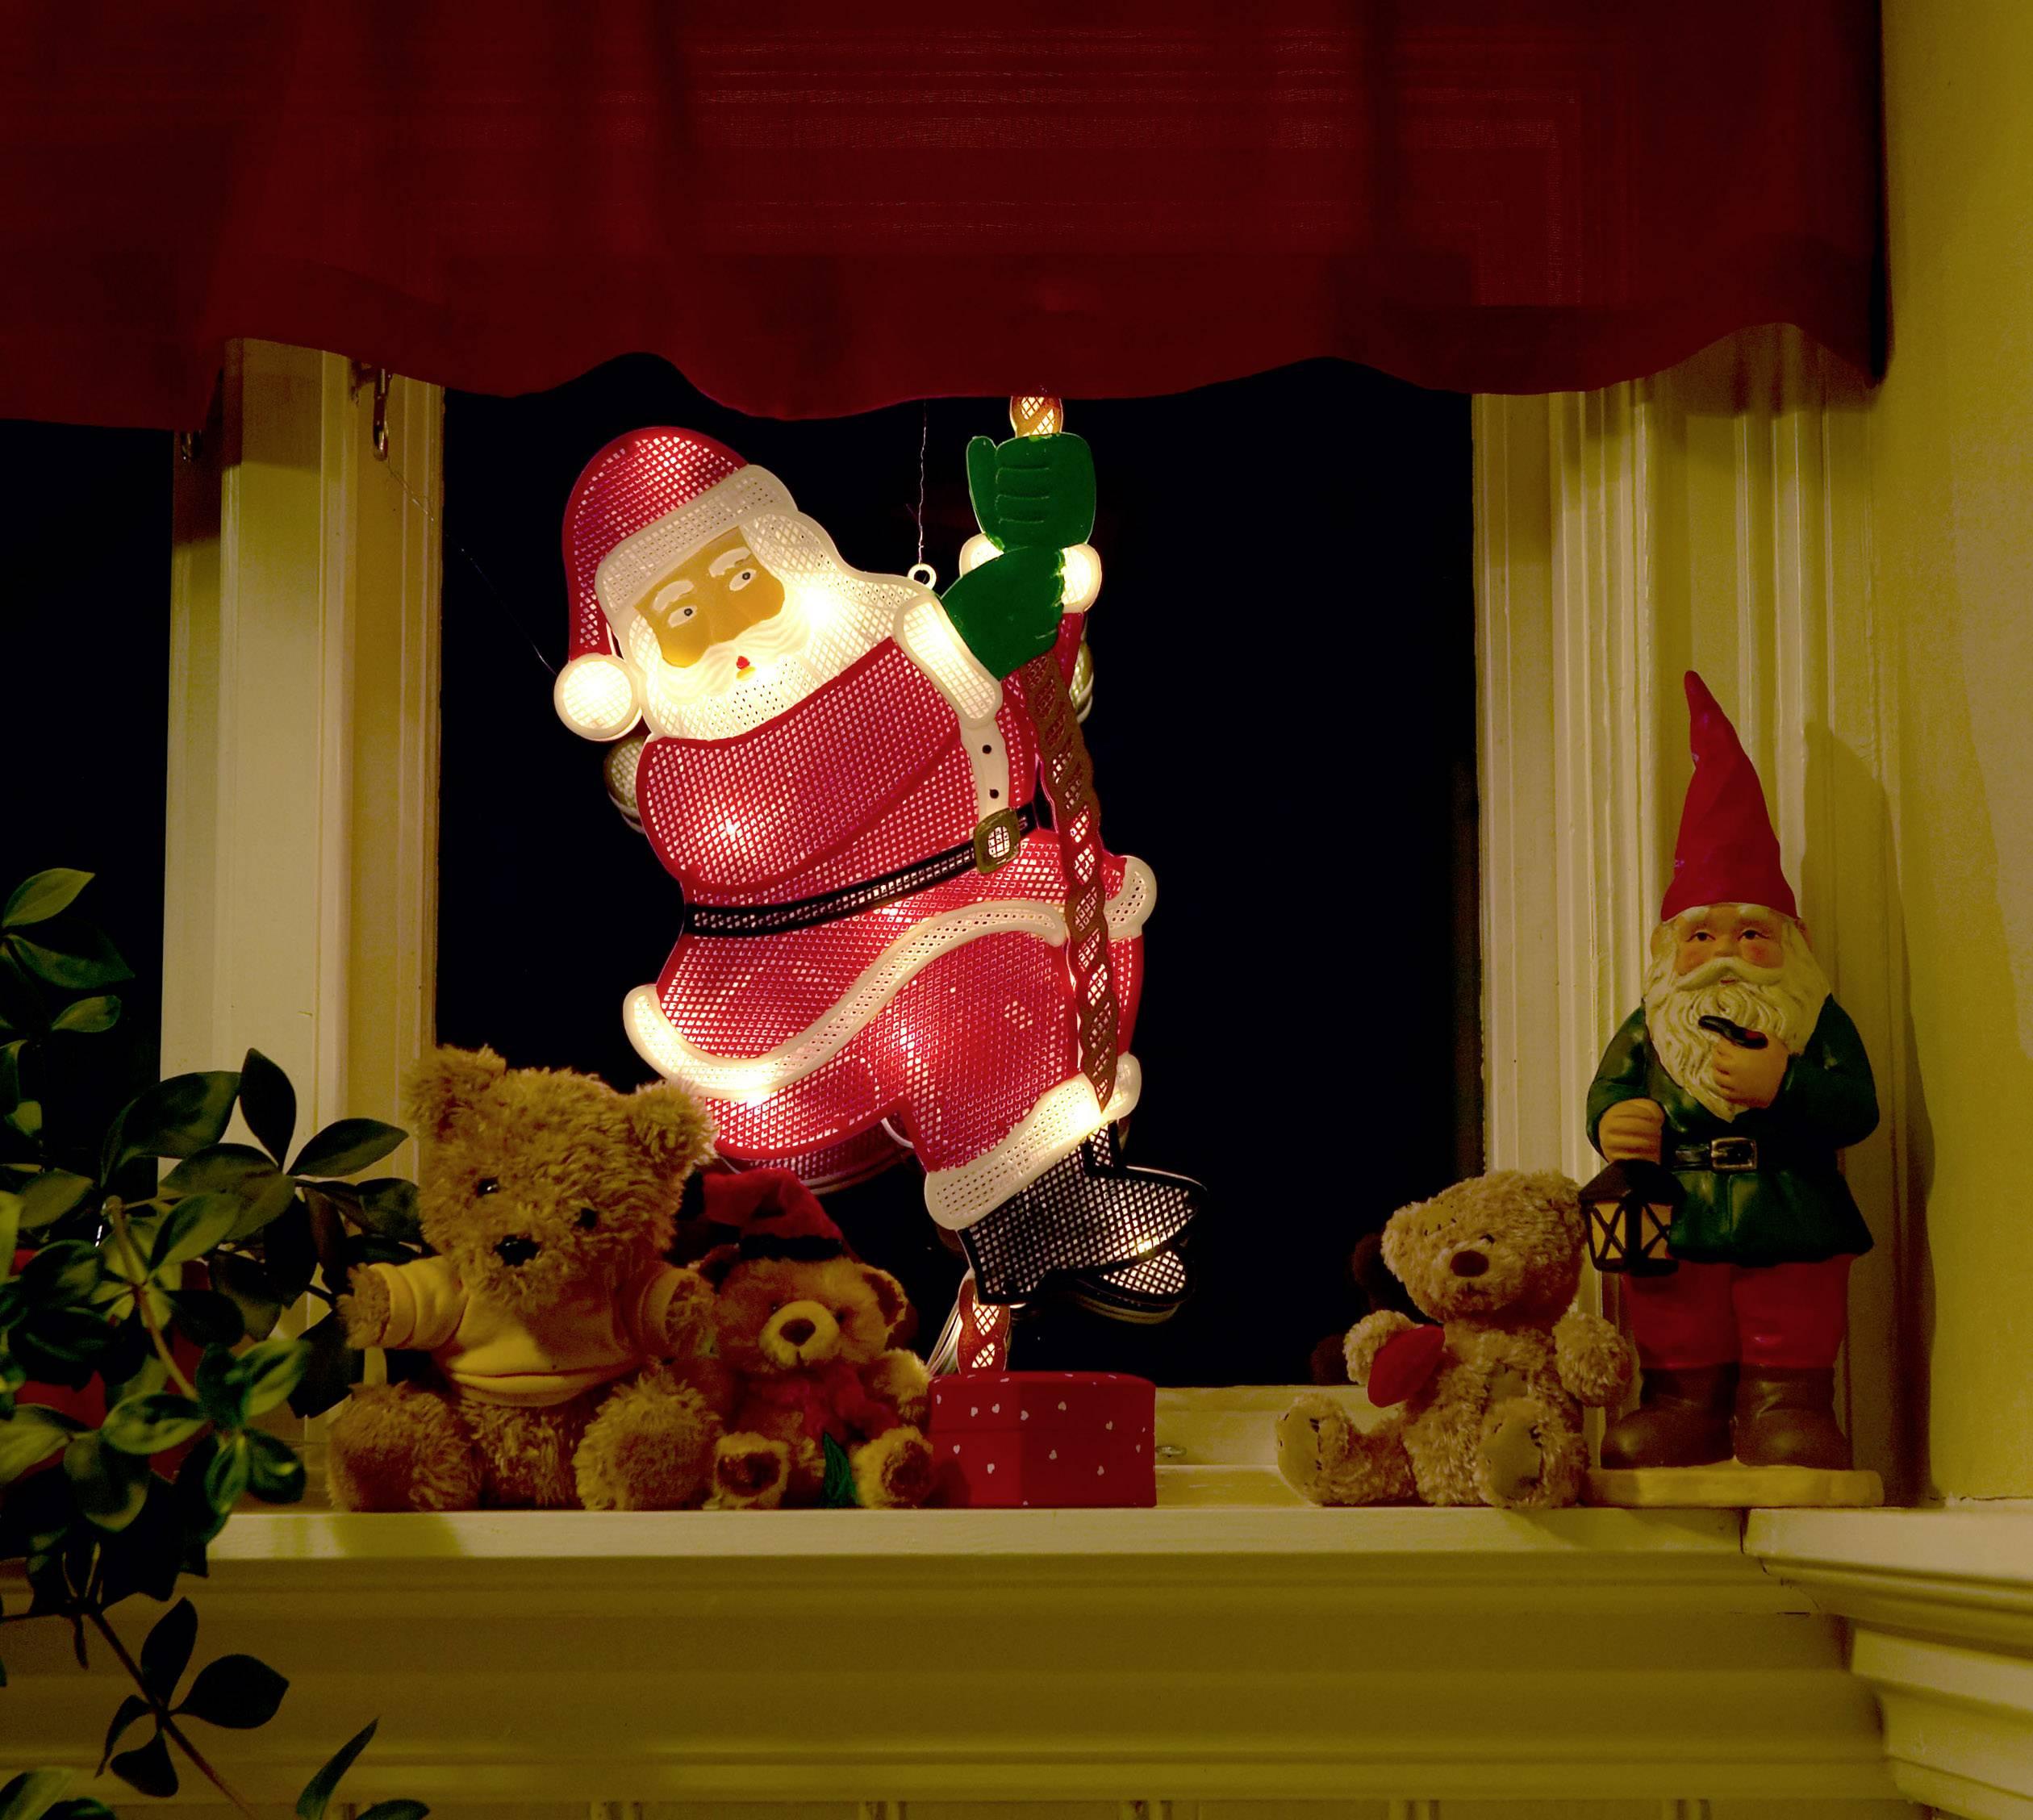 LED okenní dekorační osvětlení Santa Claus Konstsmide 2856-010 2856-010, barevná